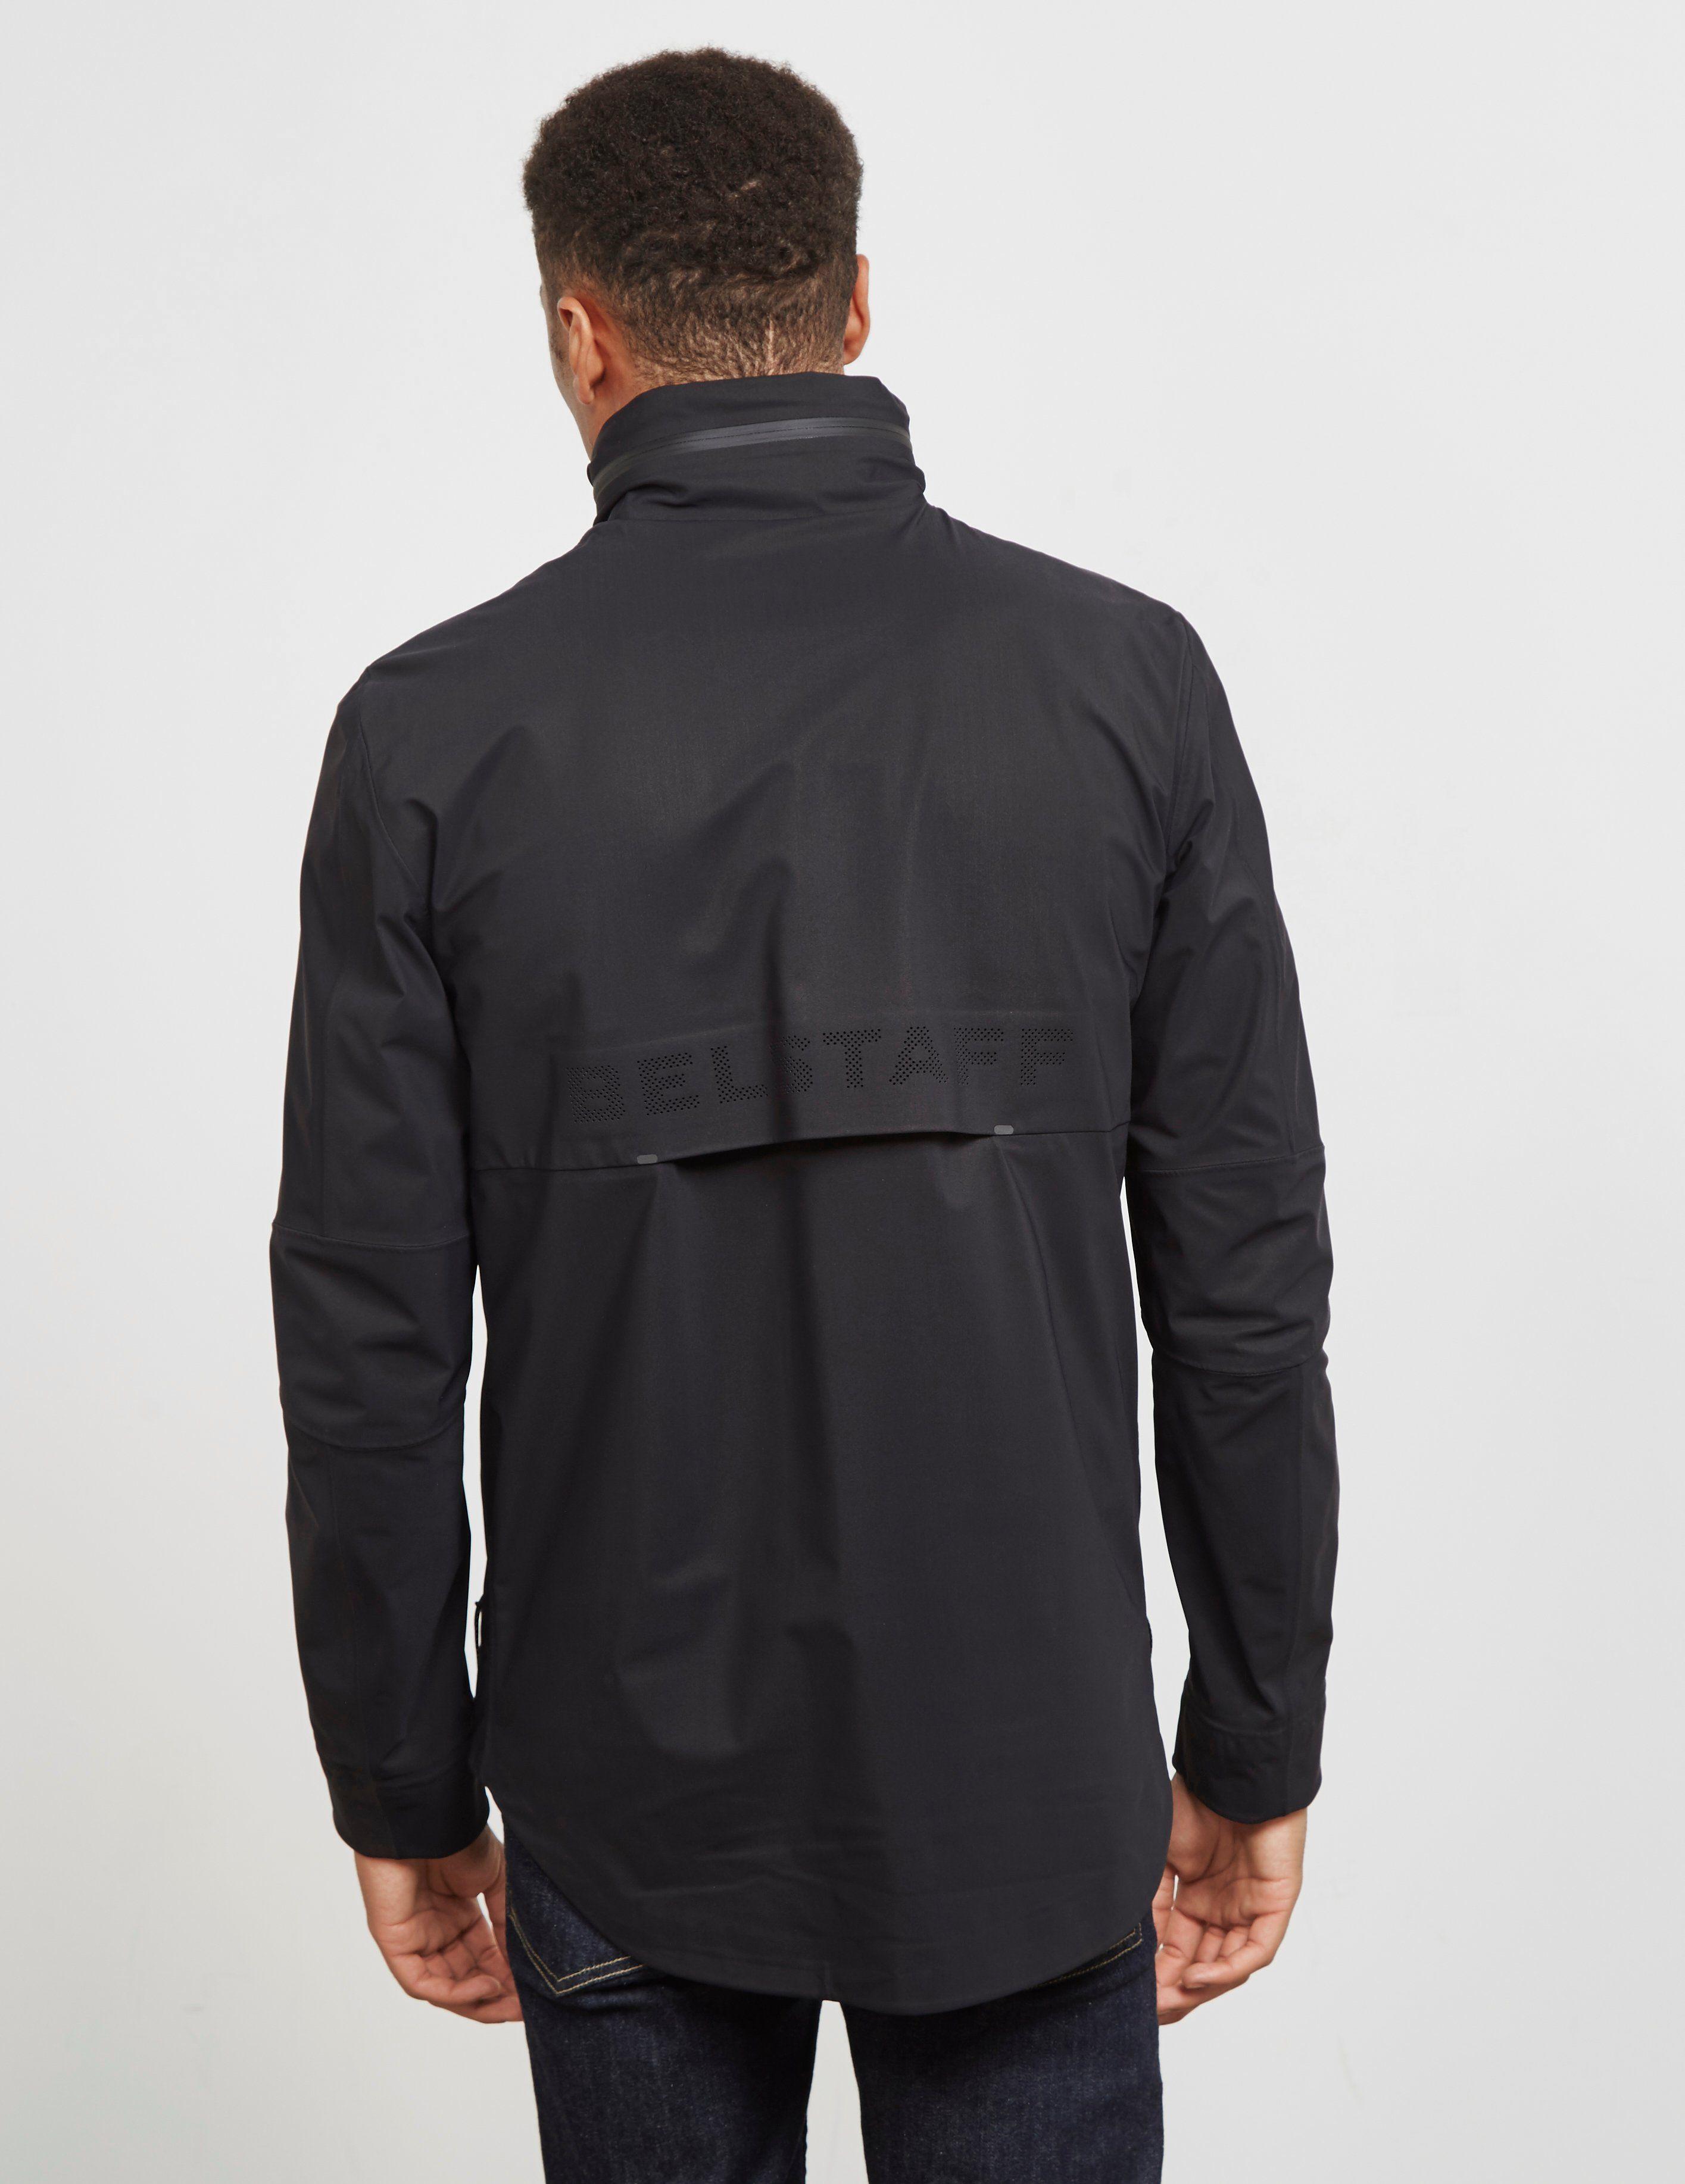 Belstaff Slip Technical Jacket - Online Exclusive